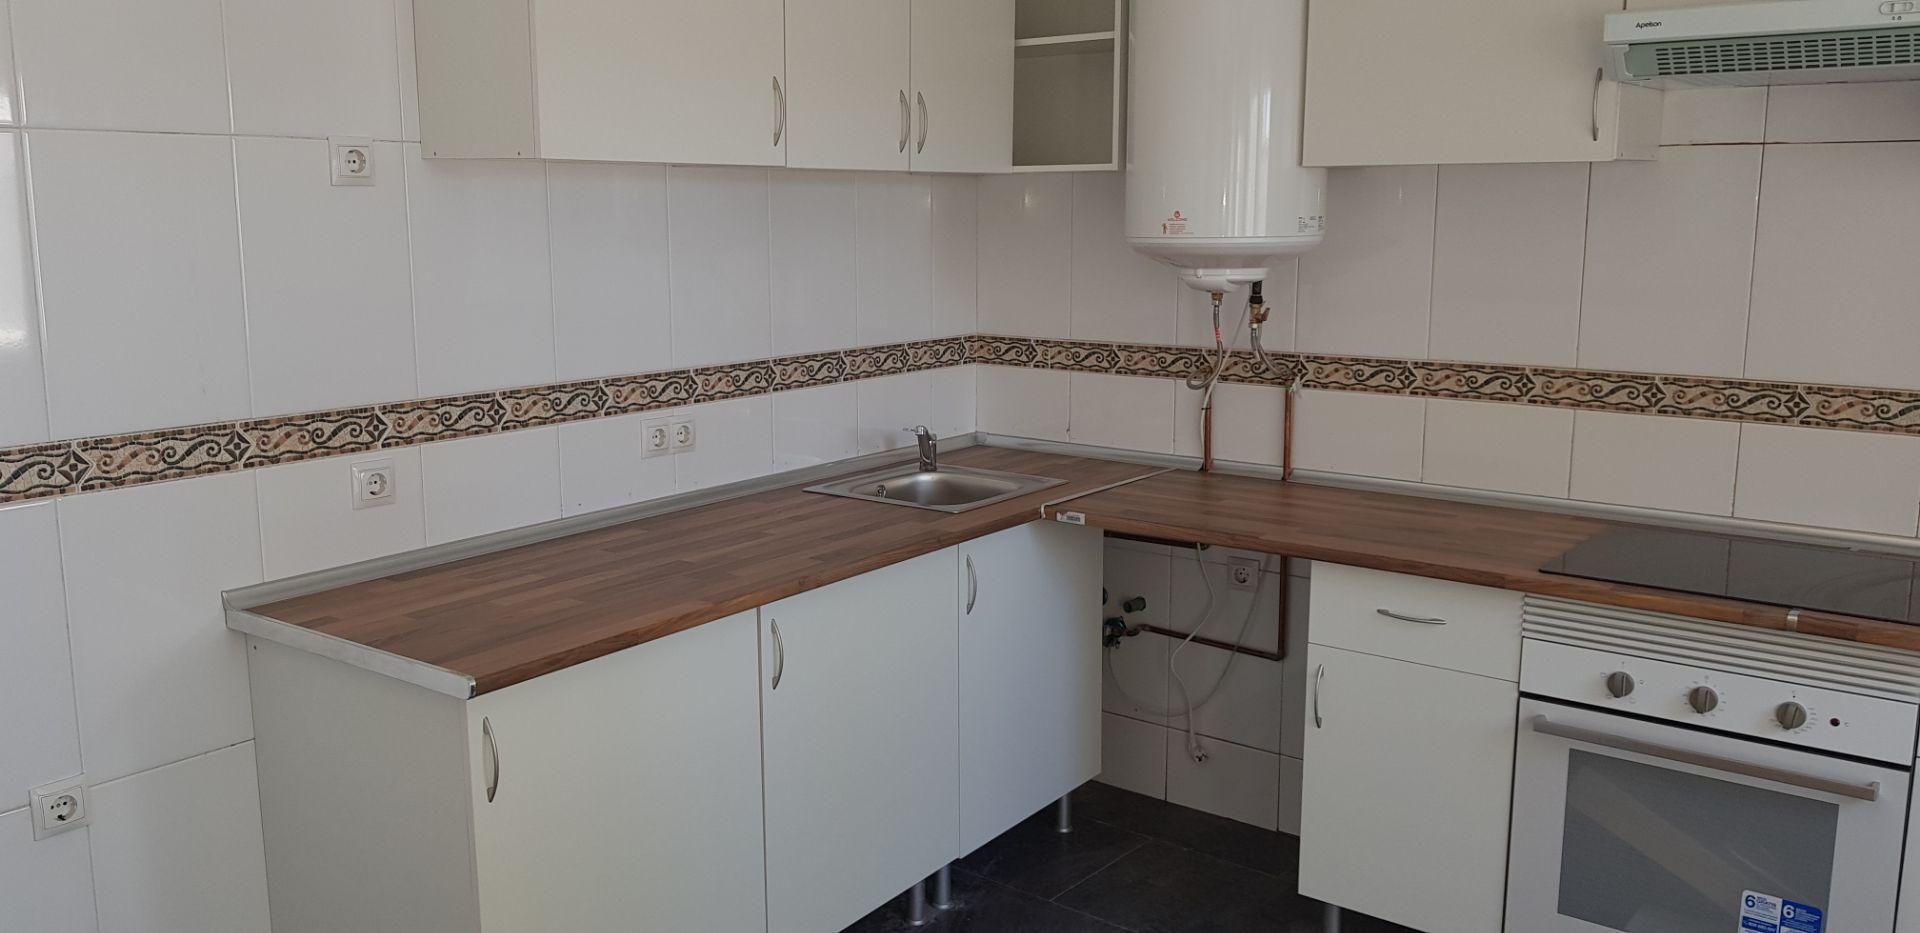 Casa / Chalet en Ávila, AVILA, venta